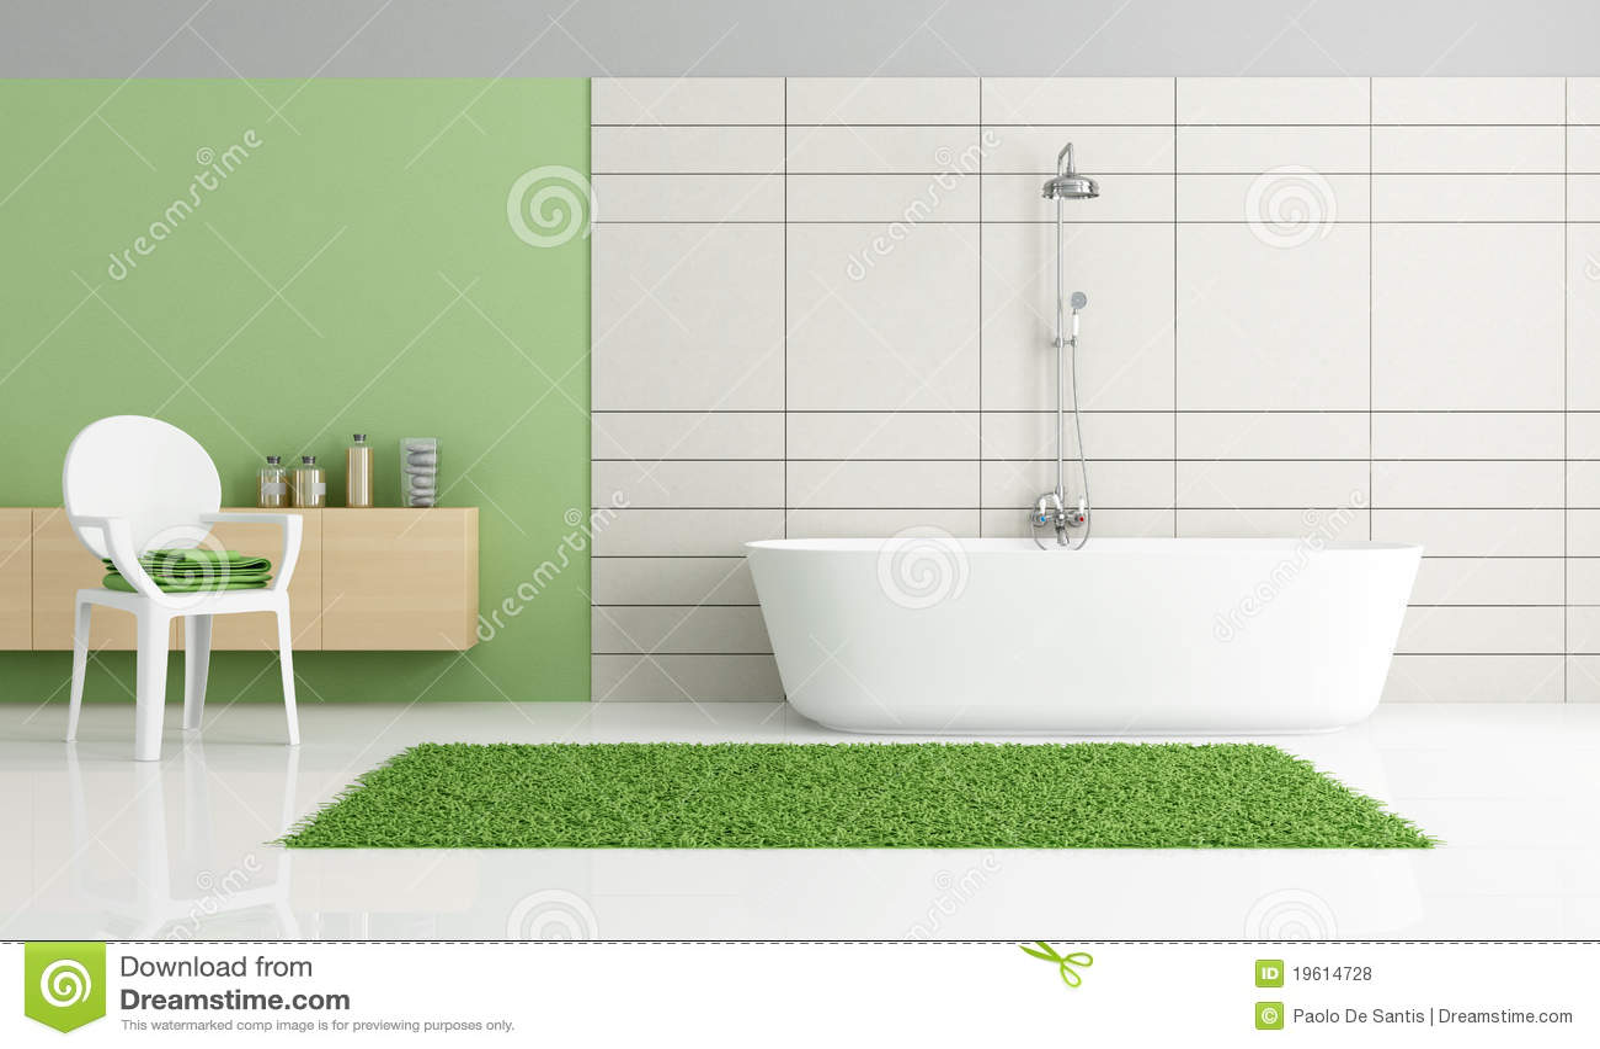 Banheiro Verde E Branco Minimalista Fotos de Stock Royalty Free  #85A823 1300x869 Banheiro Branco Com Box Verde